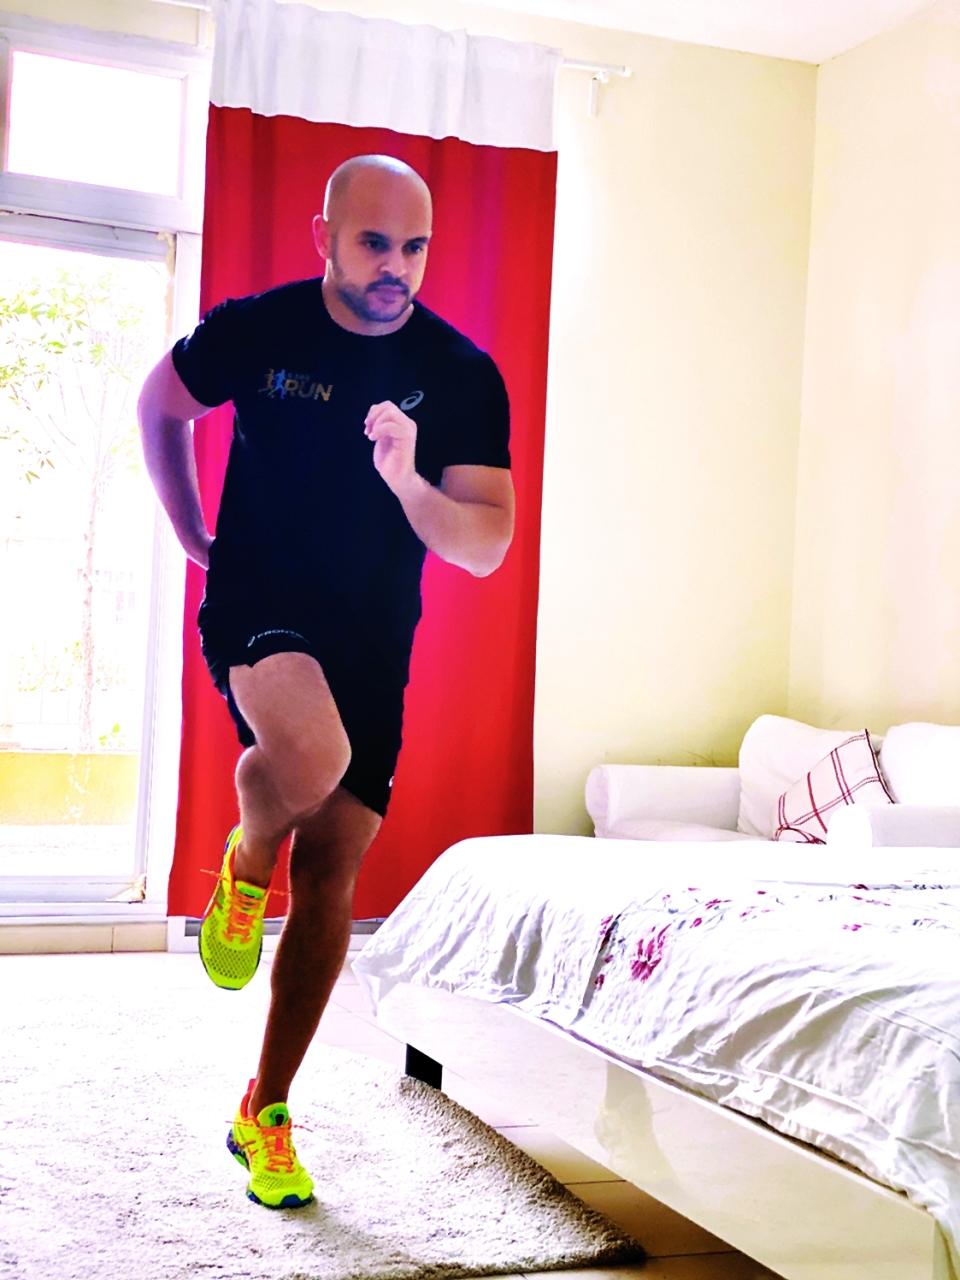 الصورة : الجري في المنزل مبادرة جديدة يطلقها مجلس دبي الرياضي     من المصدر